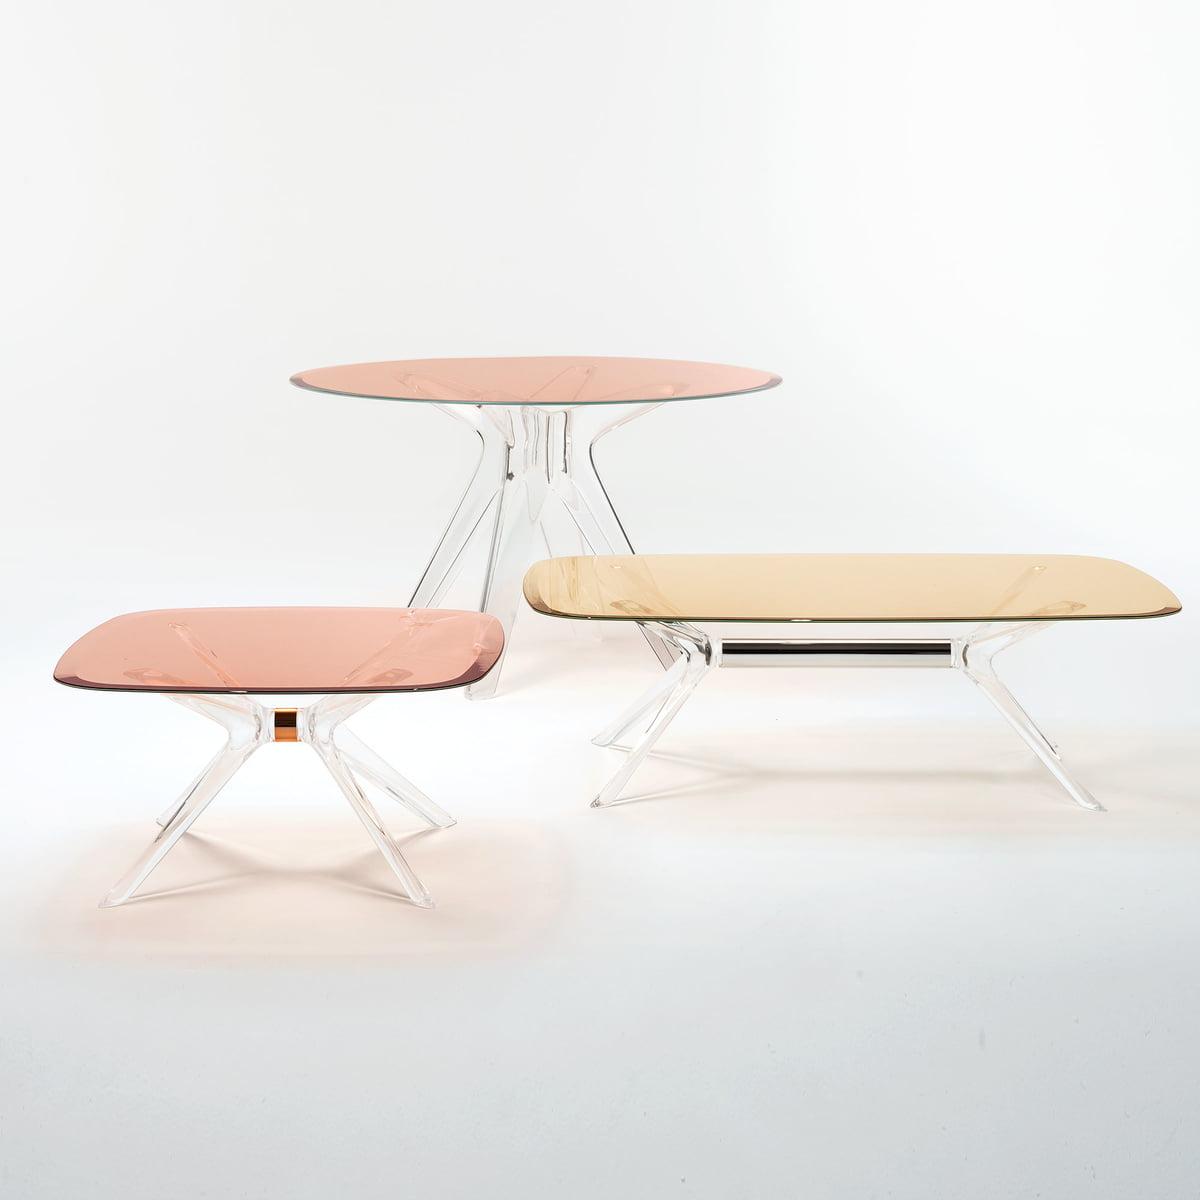 blast couchtisch von kartell. Black Bedroom Furniture Sets. Home Design Ideas